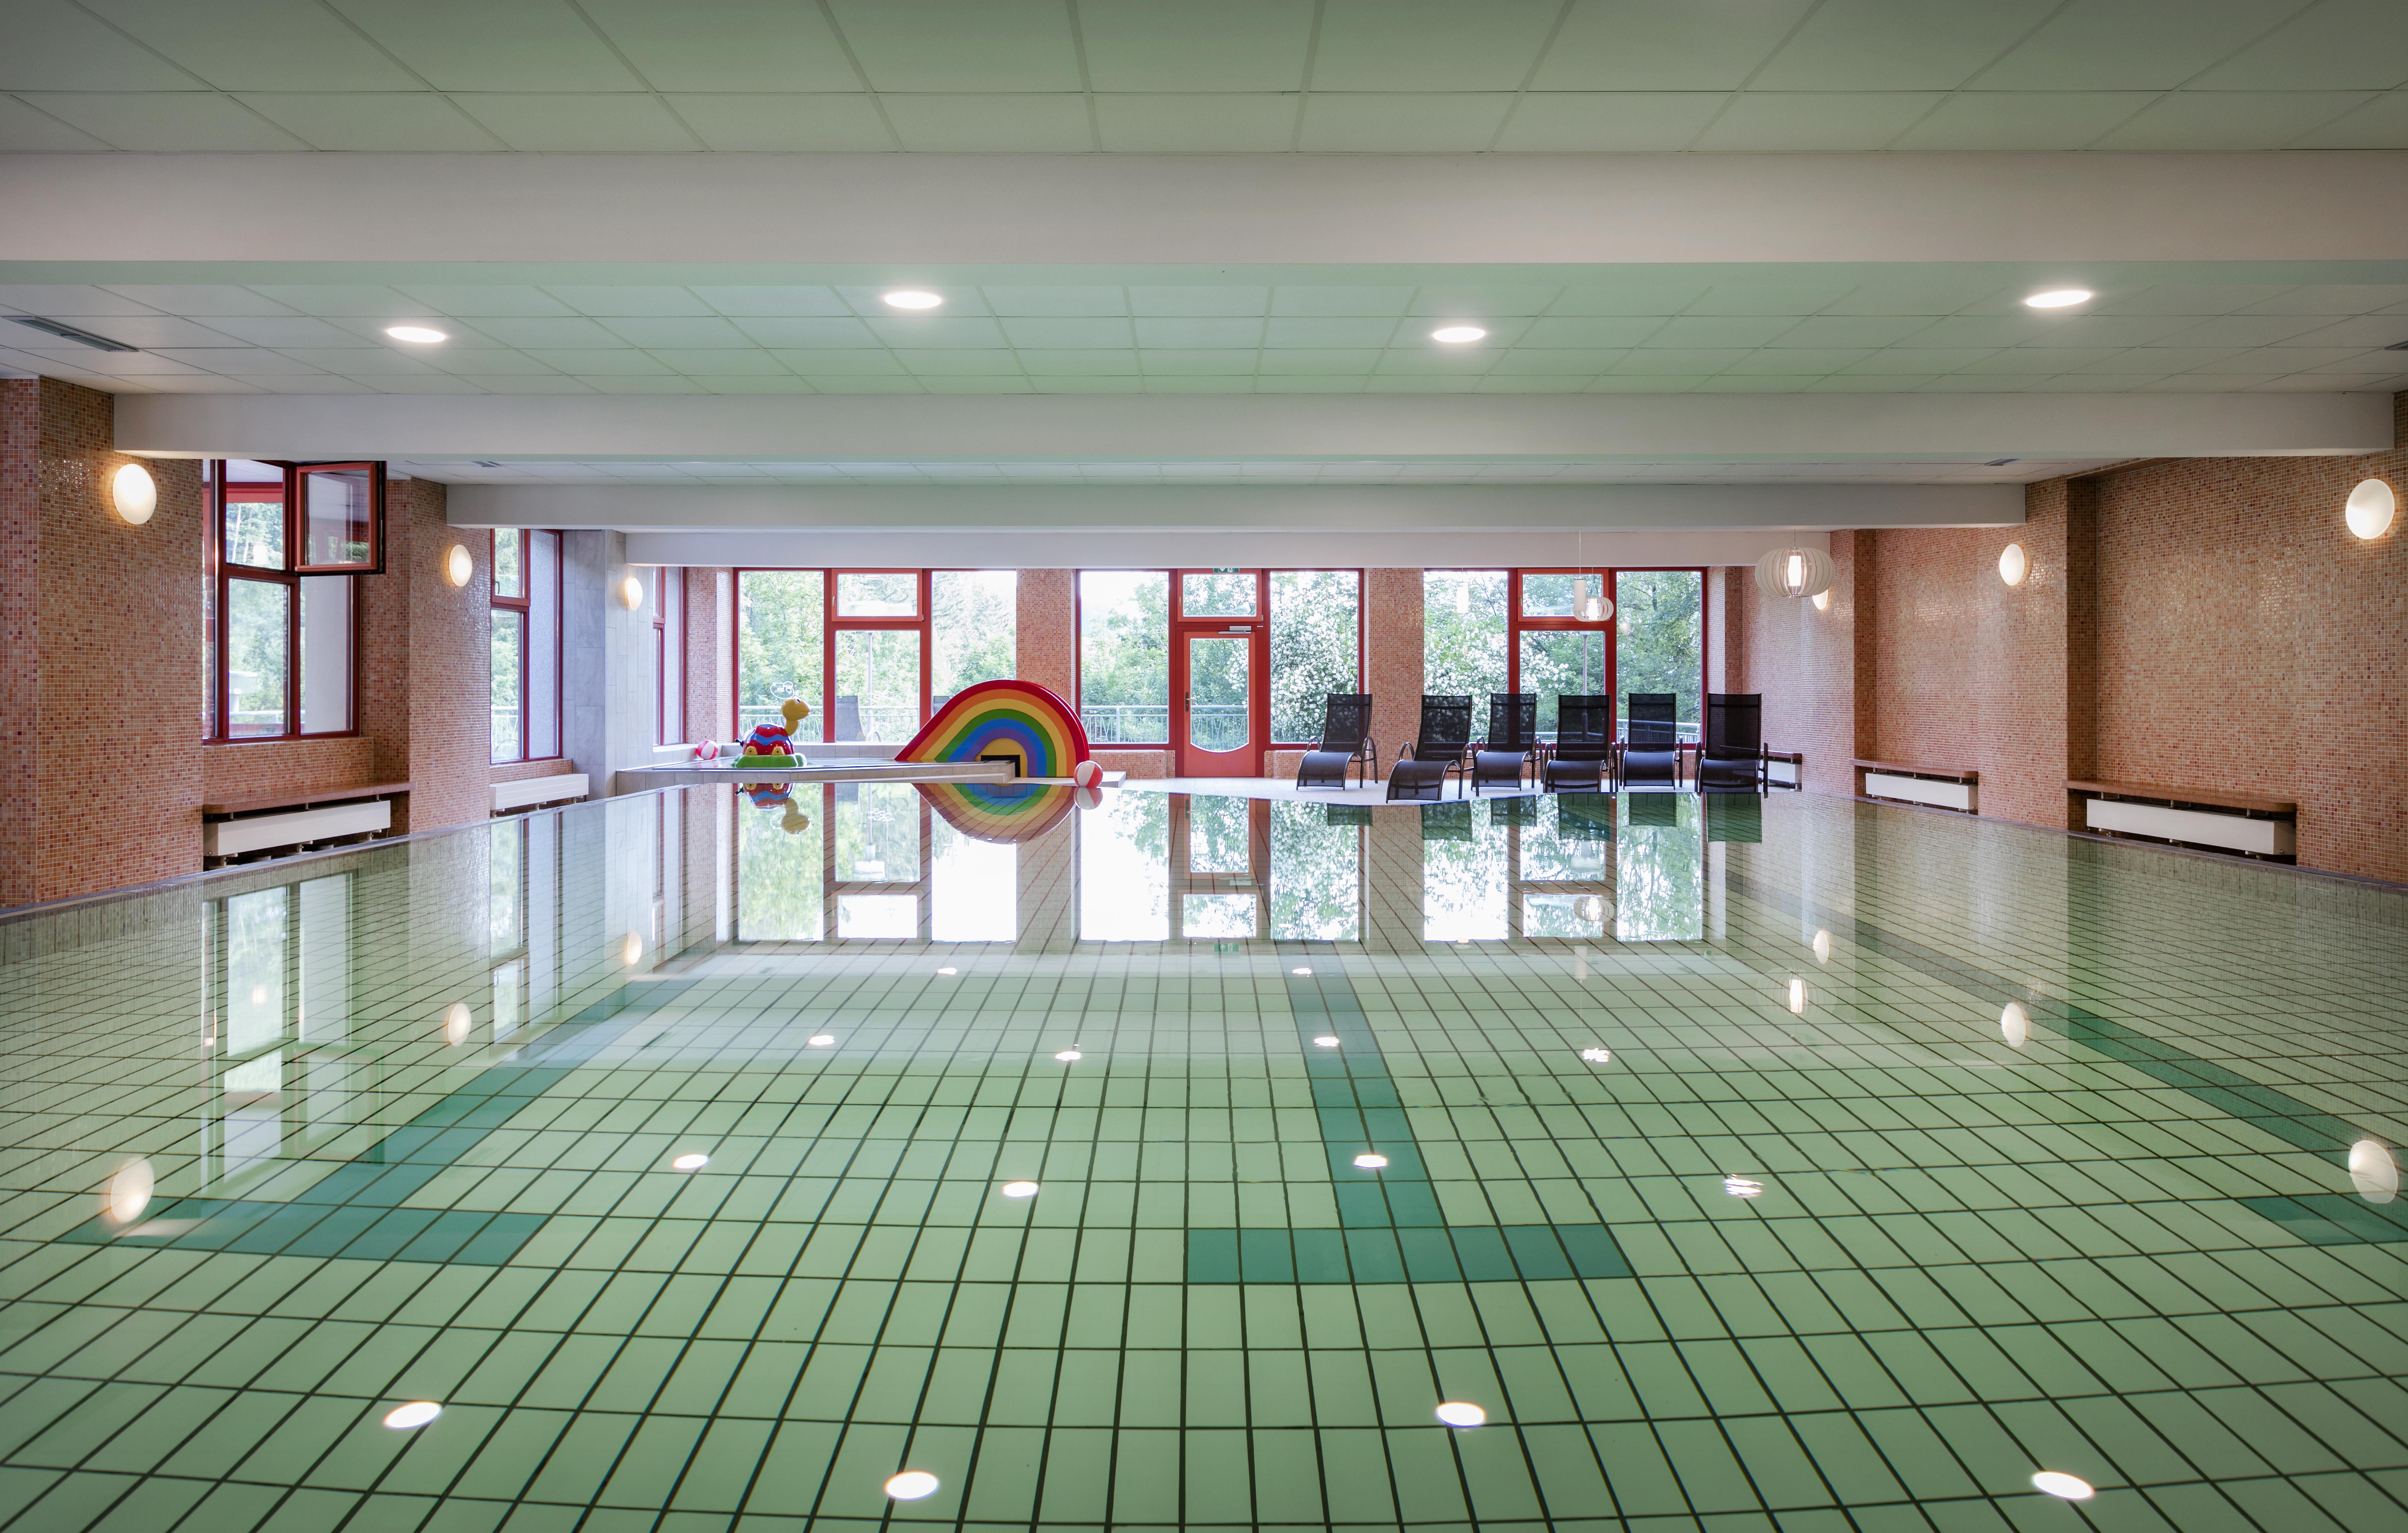 Sie sehen das Hallenbad des JUFA Hotels Sigmundsberg. Der Ort für erholsamen Familienurlaub und einen unvergesslichen Winter- und Wanderurlaub.